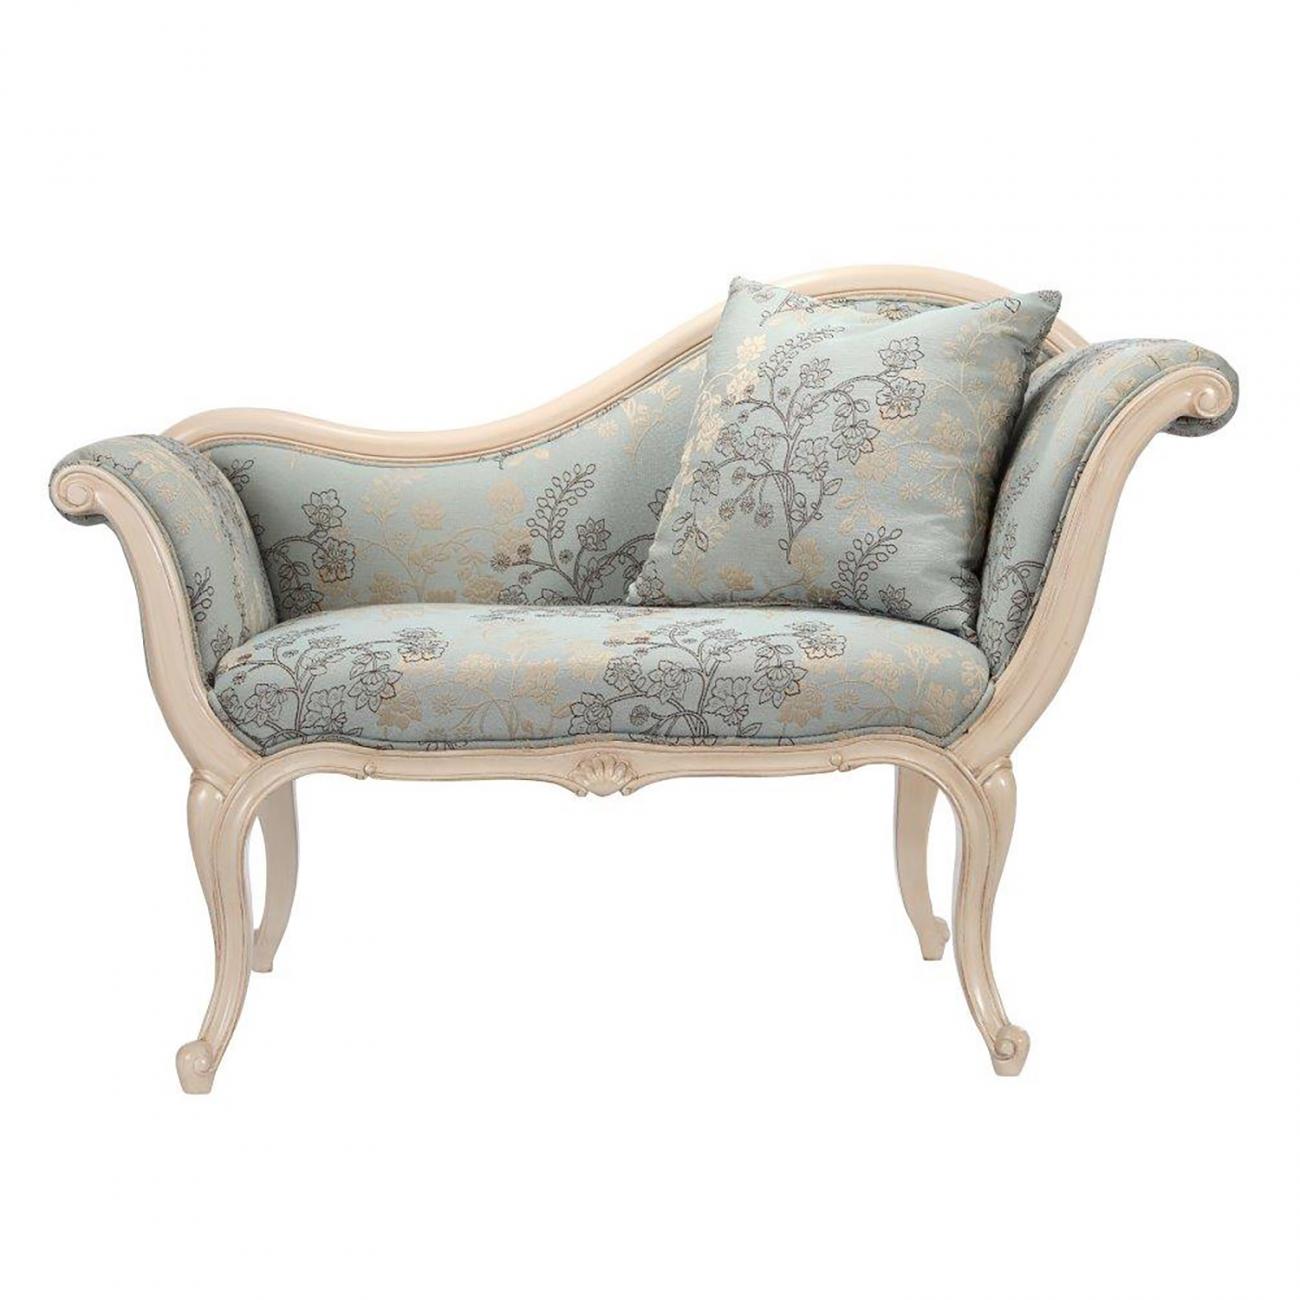 Купить Кушетка Oasis в интернет магазине дизайнерской мебели и аксессуаров для дома и дачи